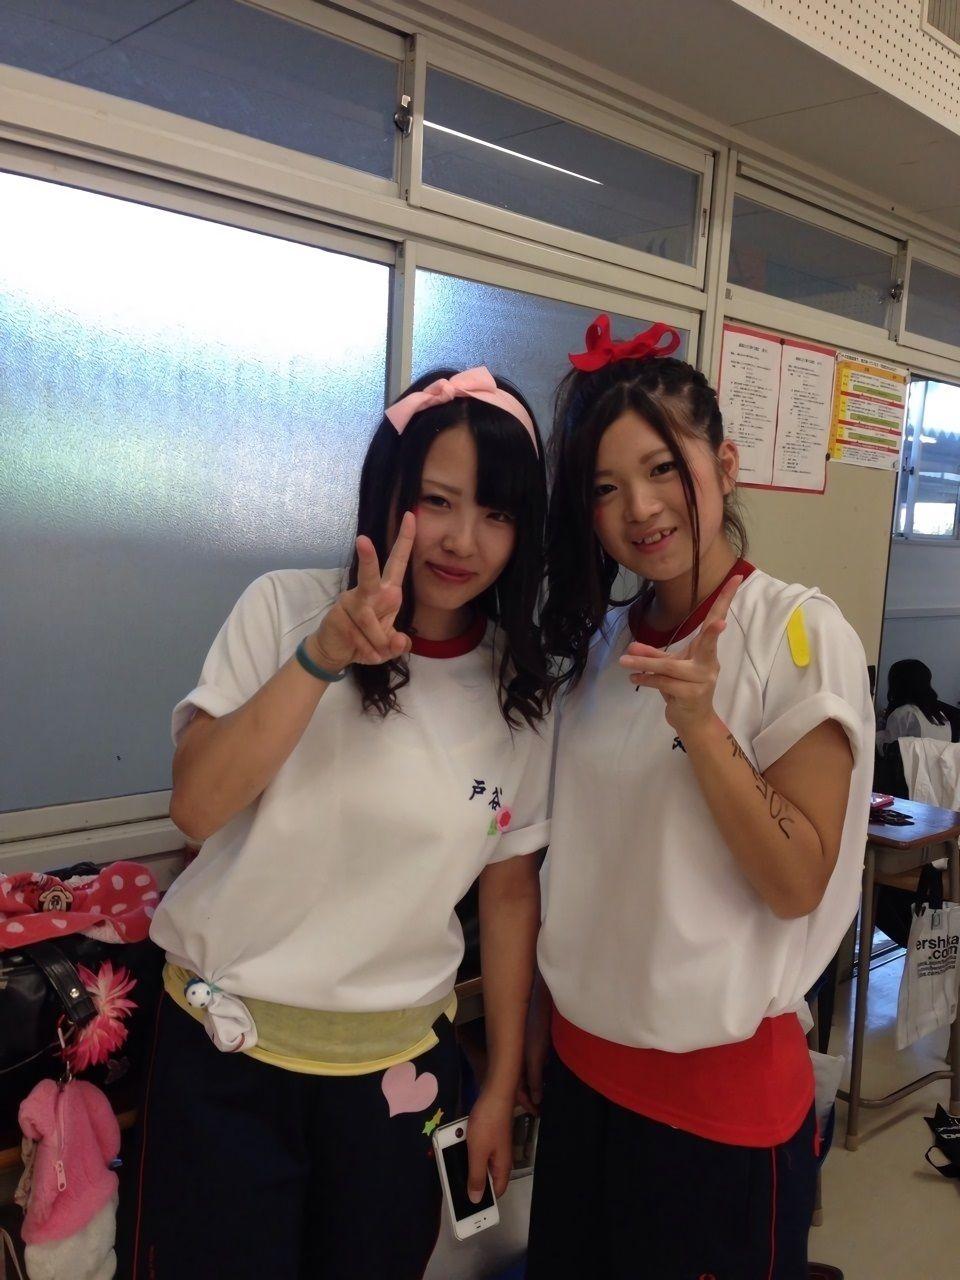 【画像】もう一度高校時代に戻ったら女子高生と何したい?www